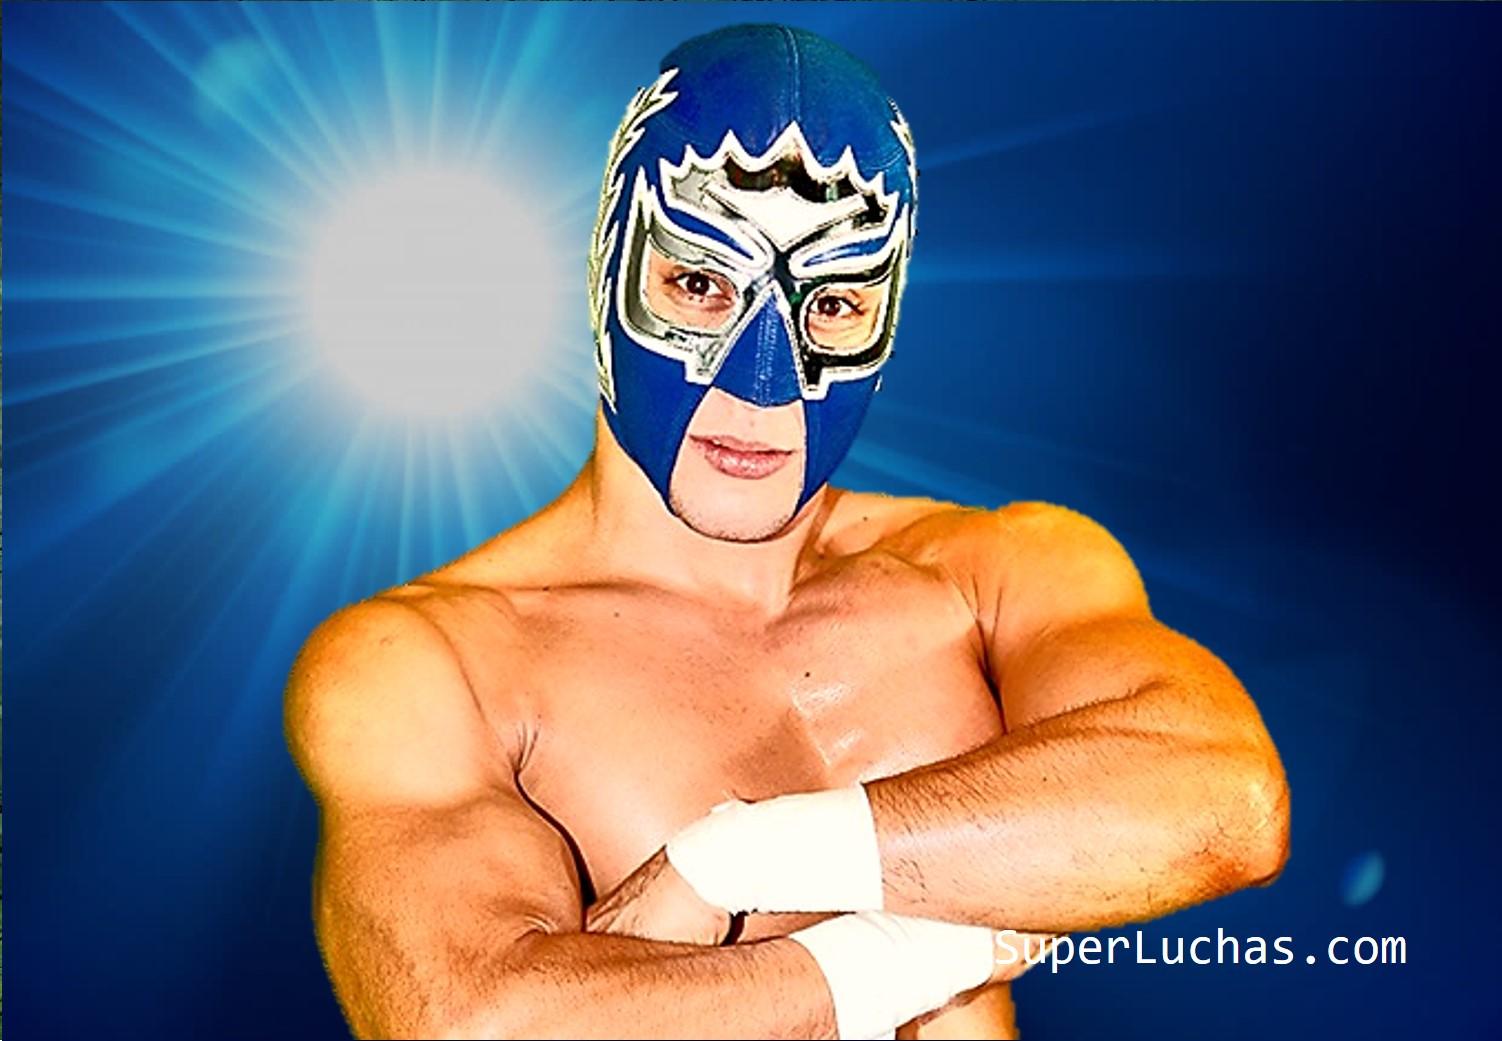 CMLL: En Puebla, Soberano Jr. defiende título por octava ocasión 10